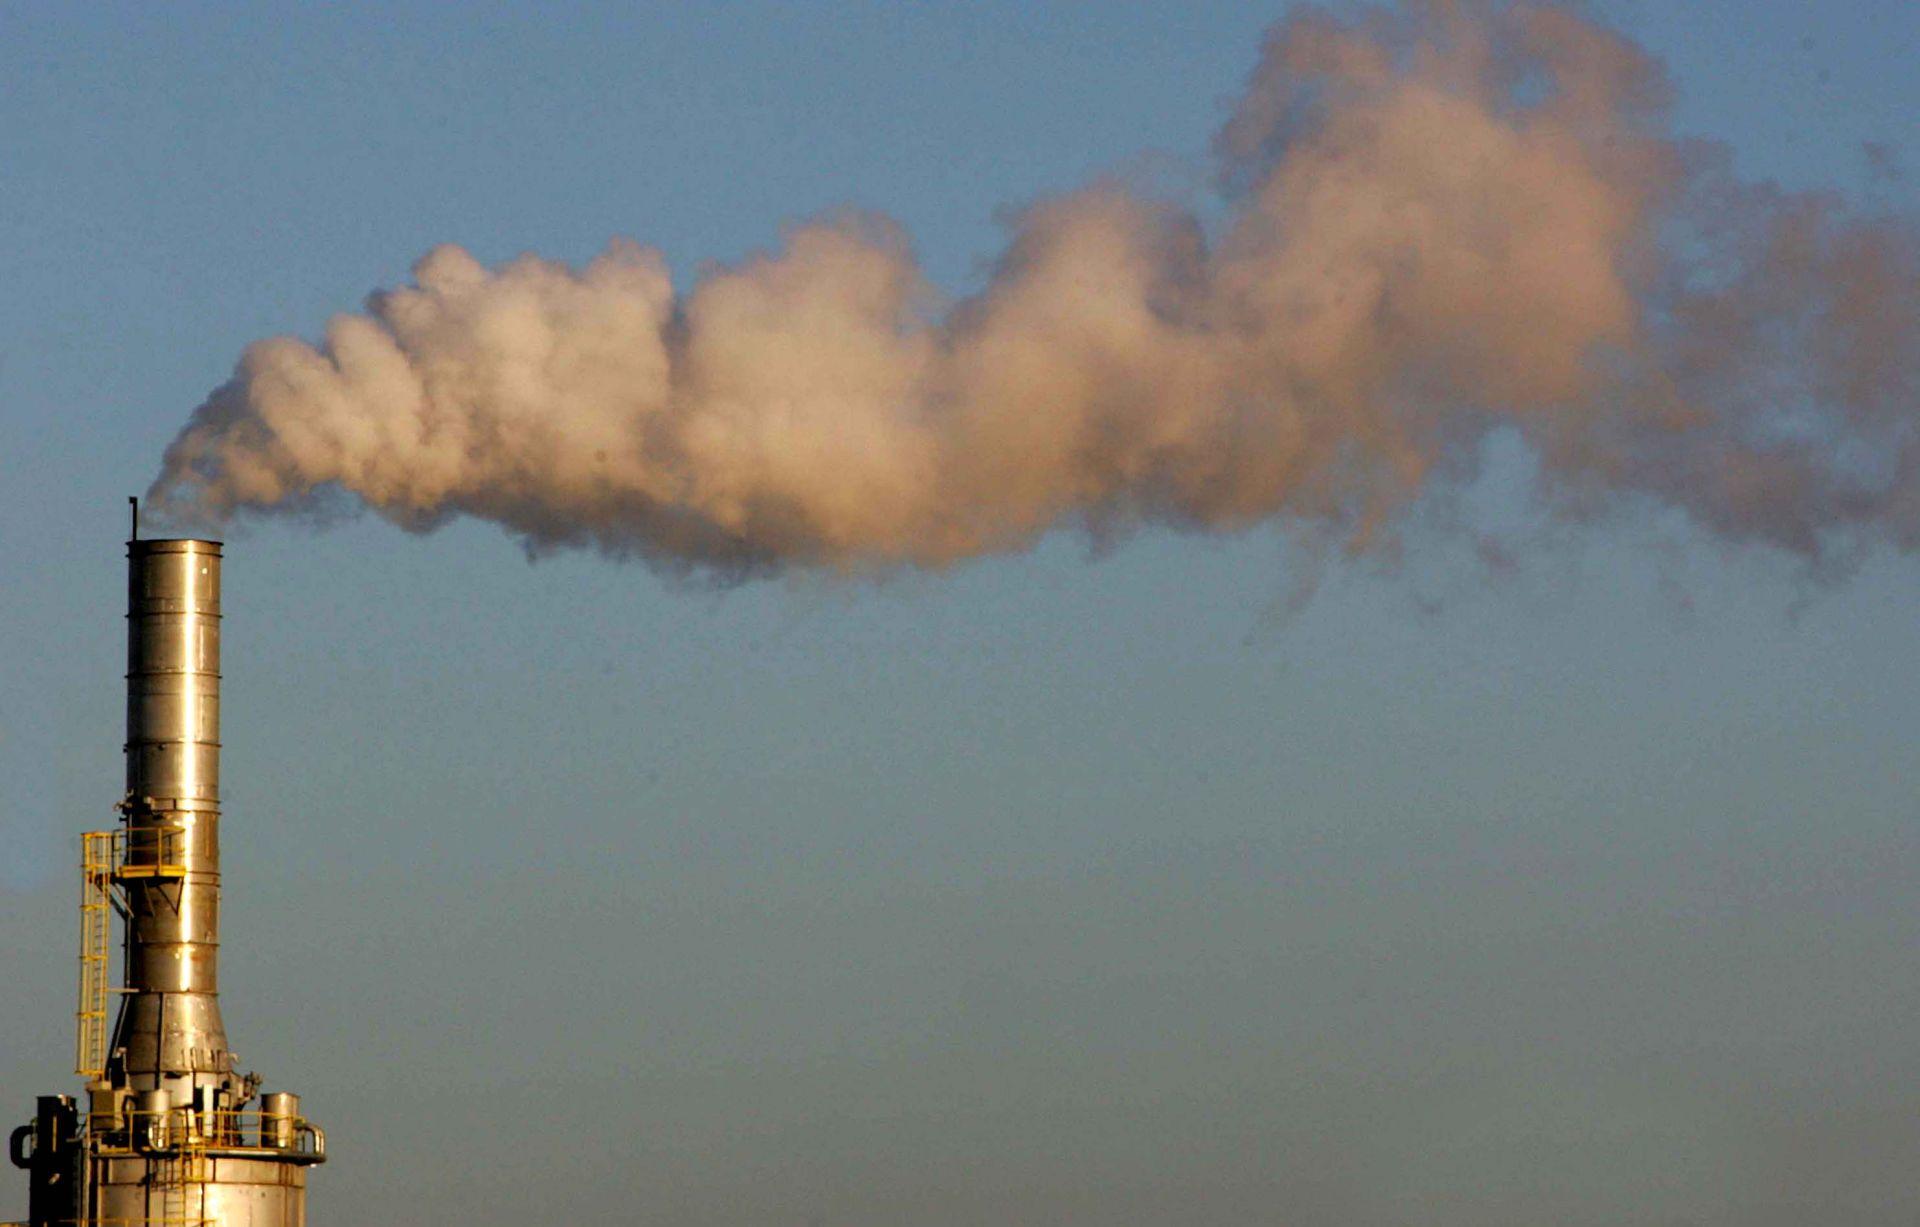 Poluição do ar e mudanças climáticas são a principal preocupação da OMS por malefícios à saúde mundial (Foto: Ivonaldo Alexandre / Gazeta do Povo / arquivo)